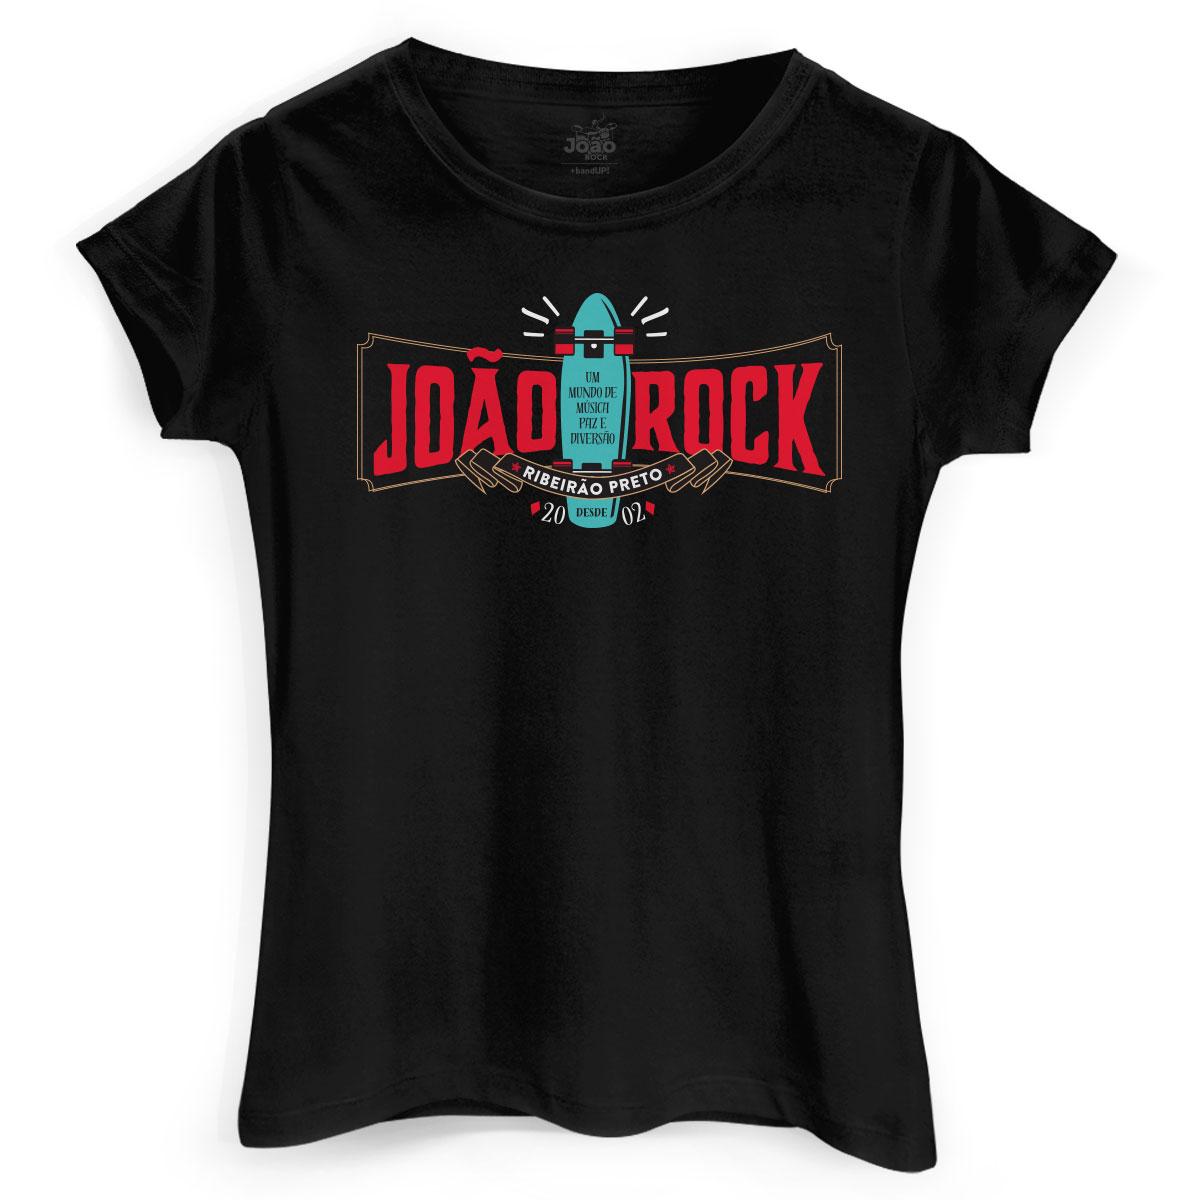 Camiseta Feminina João Rock Old Skate